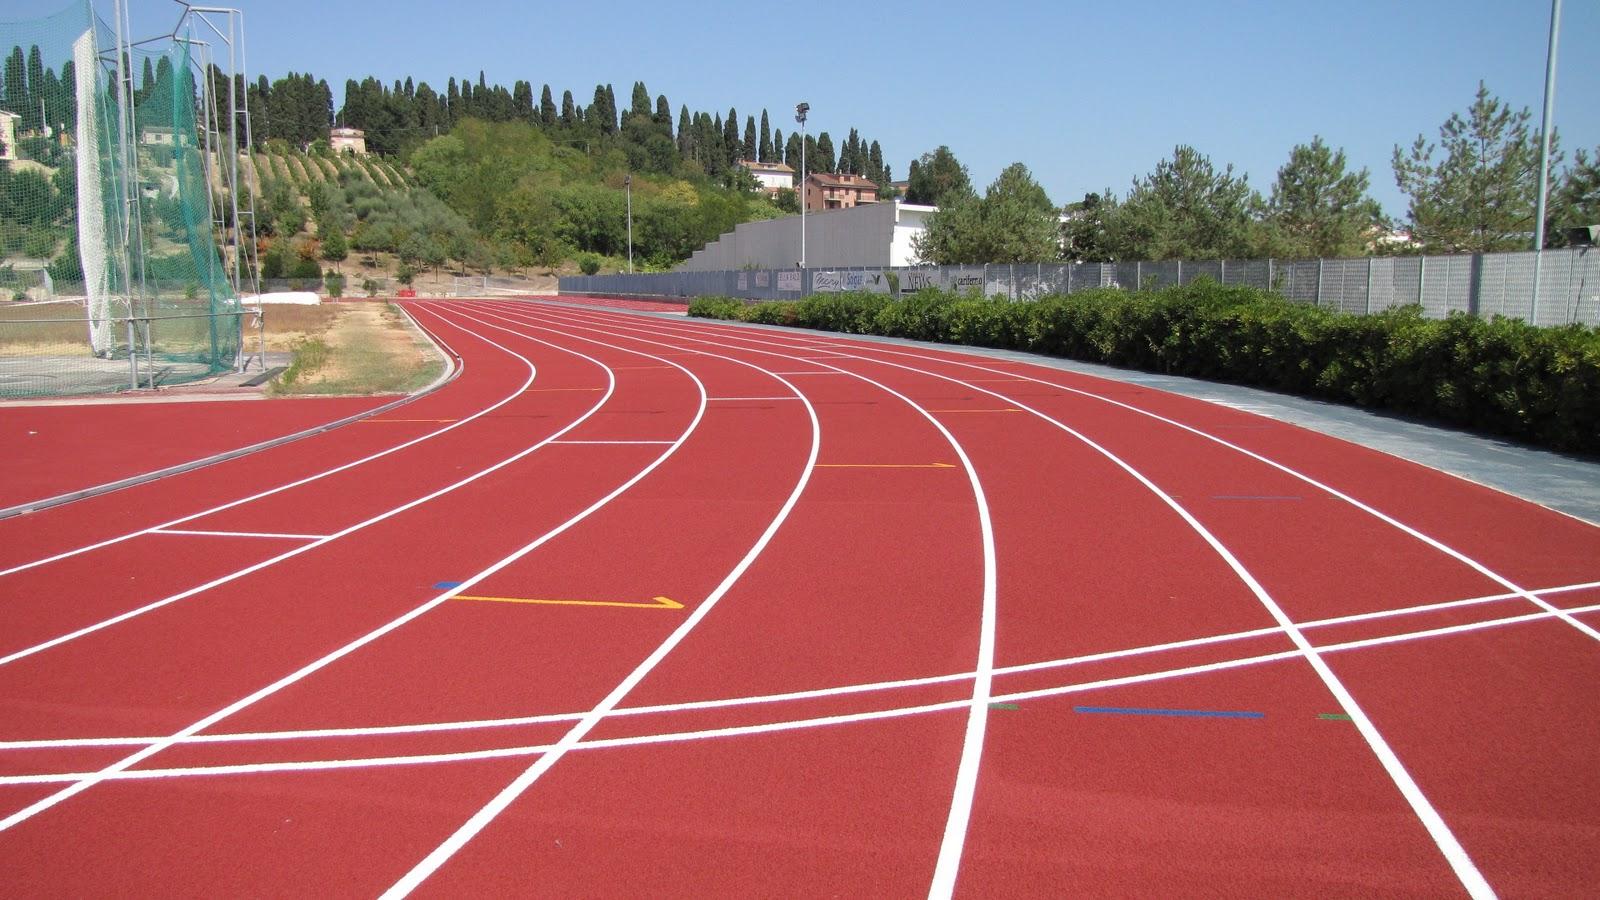 Dolo pista di atletica